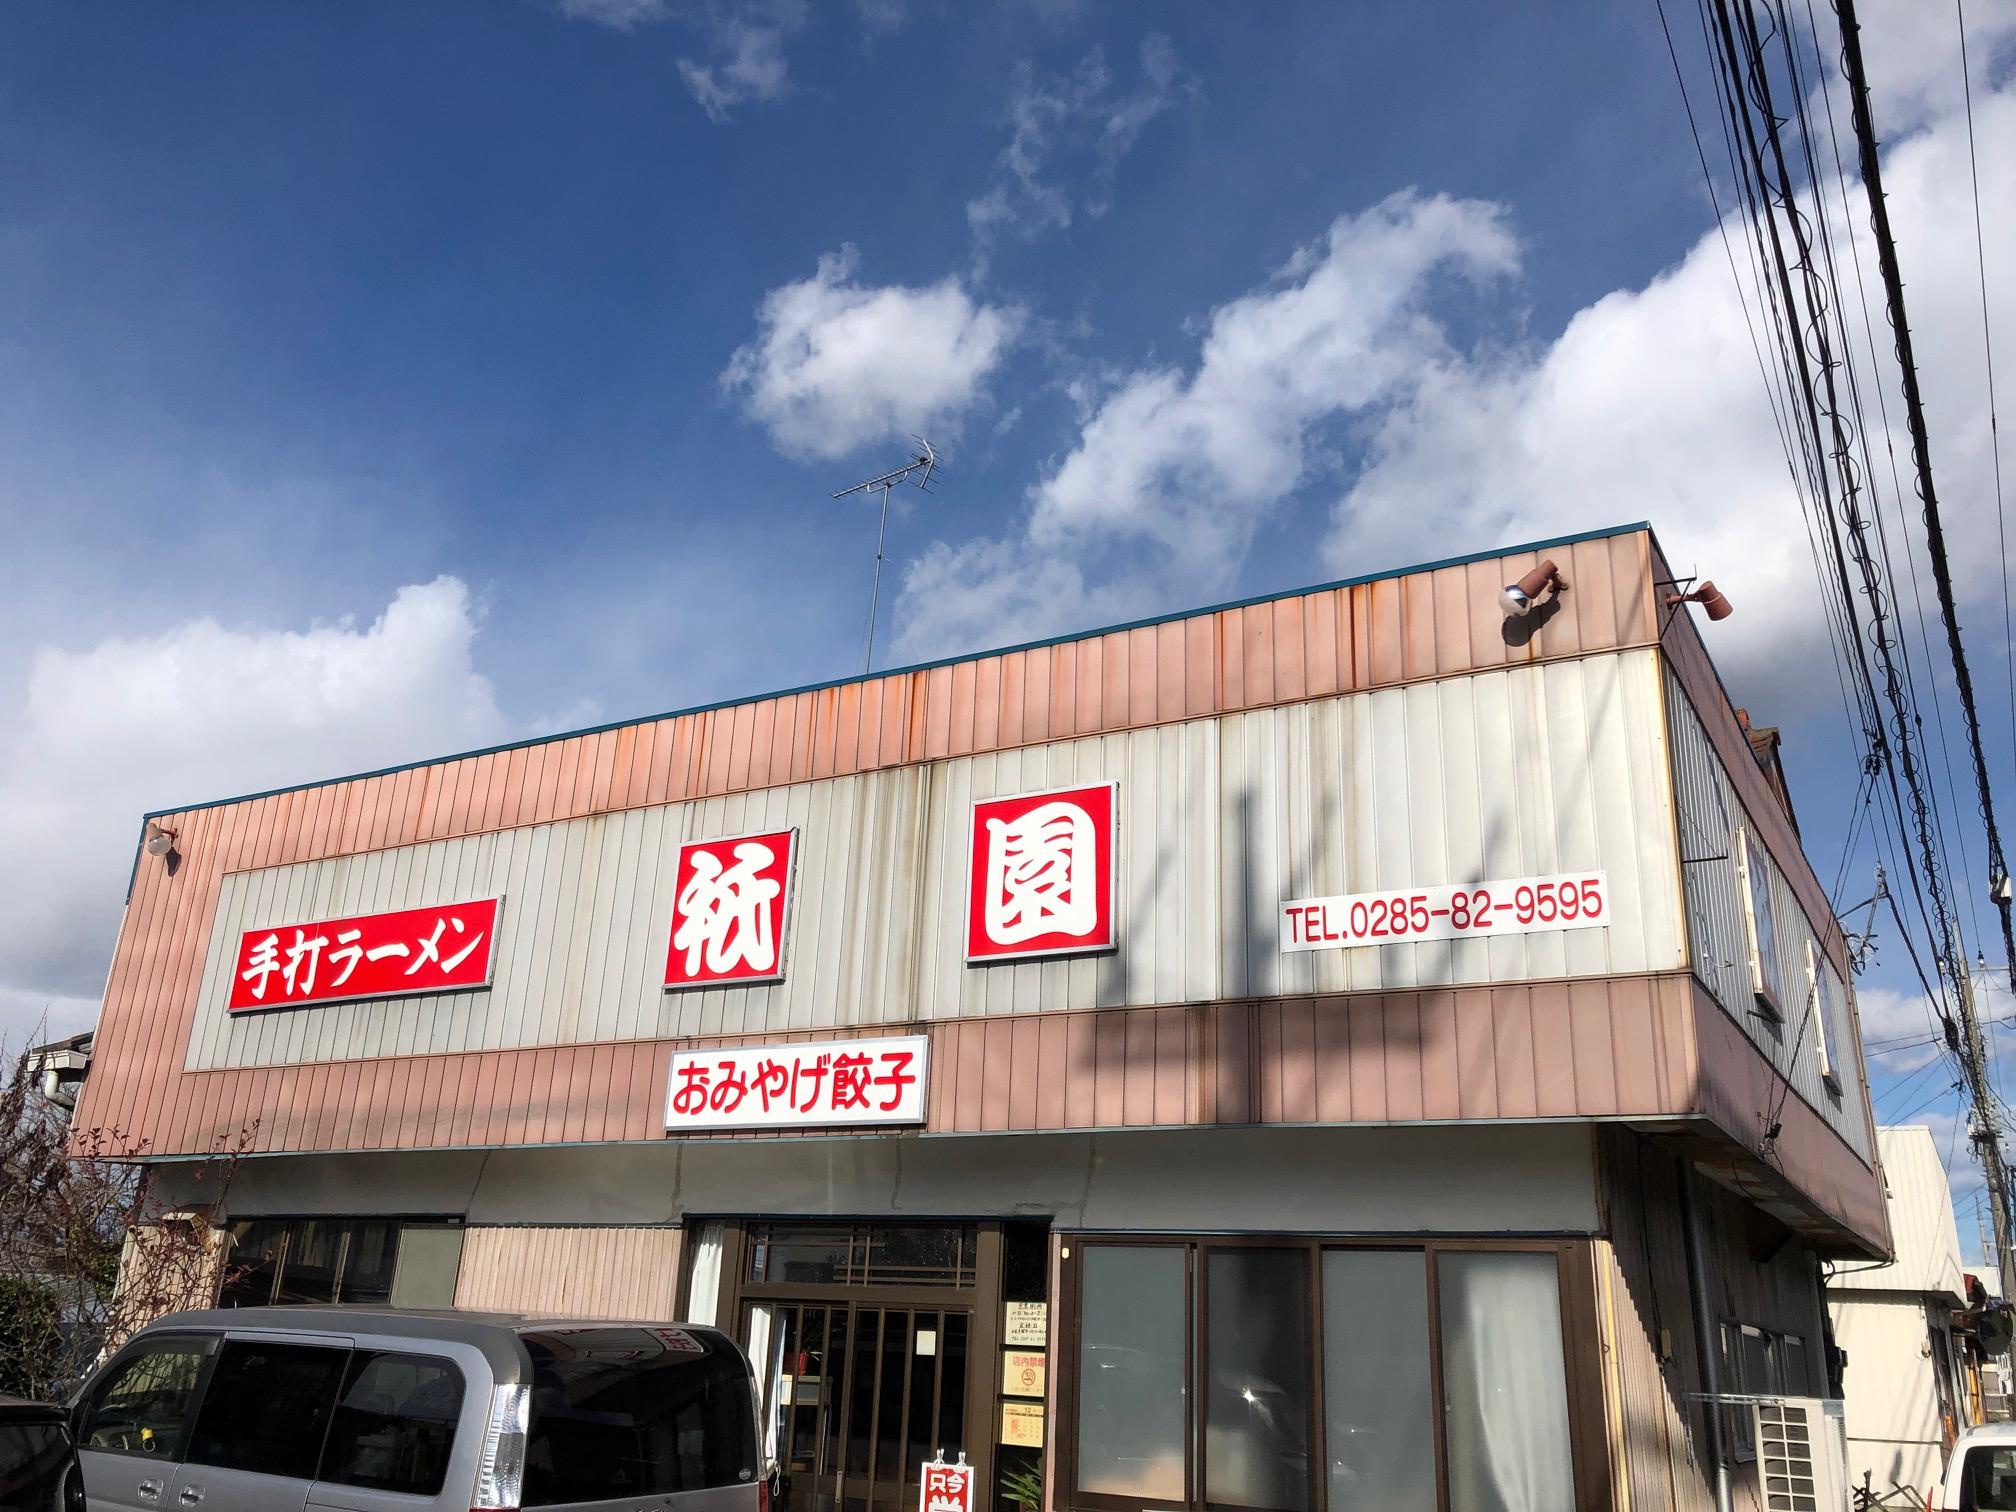 ラーメン「祇園」★地元の人おすすめのラーメン屋★栃木県益子町